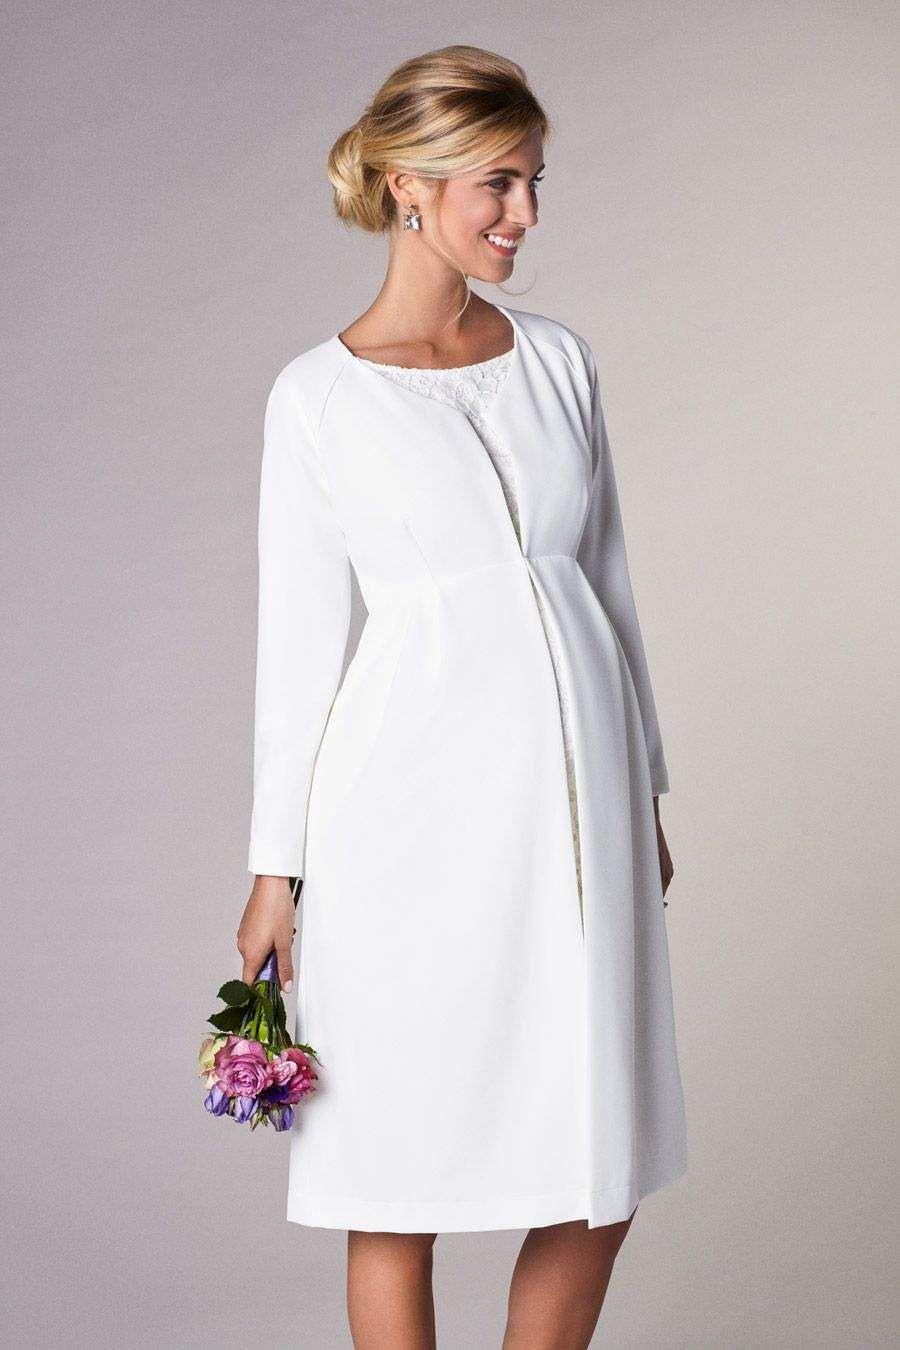 Braut Umstandsmantel  Kleidung Brautkleid Schwanger